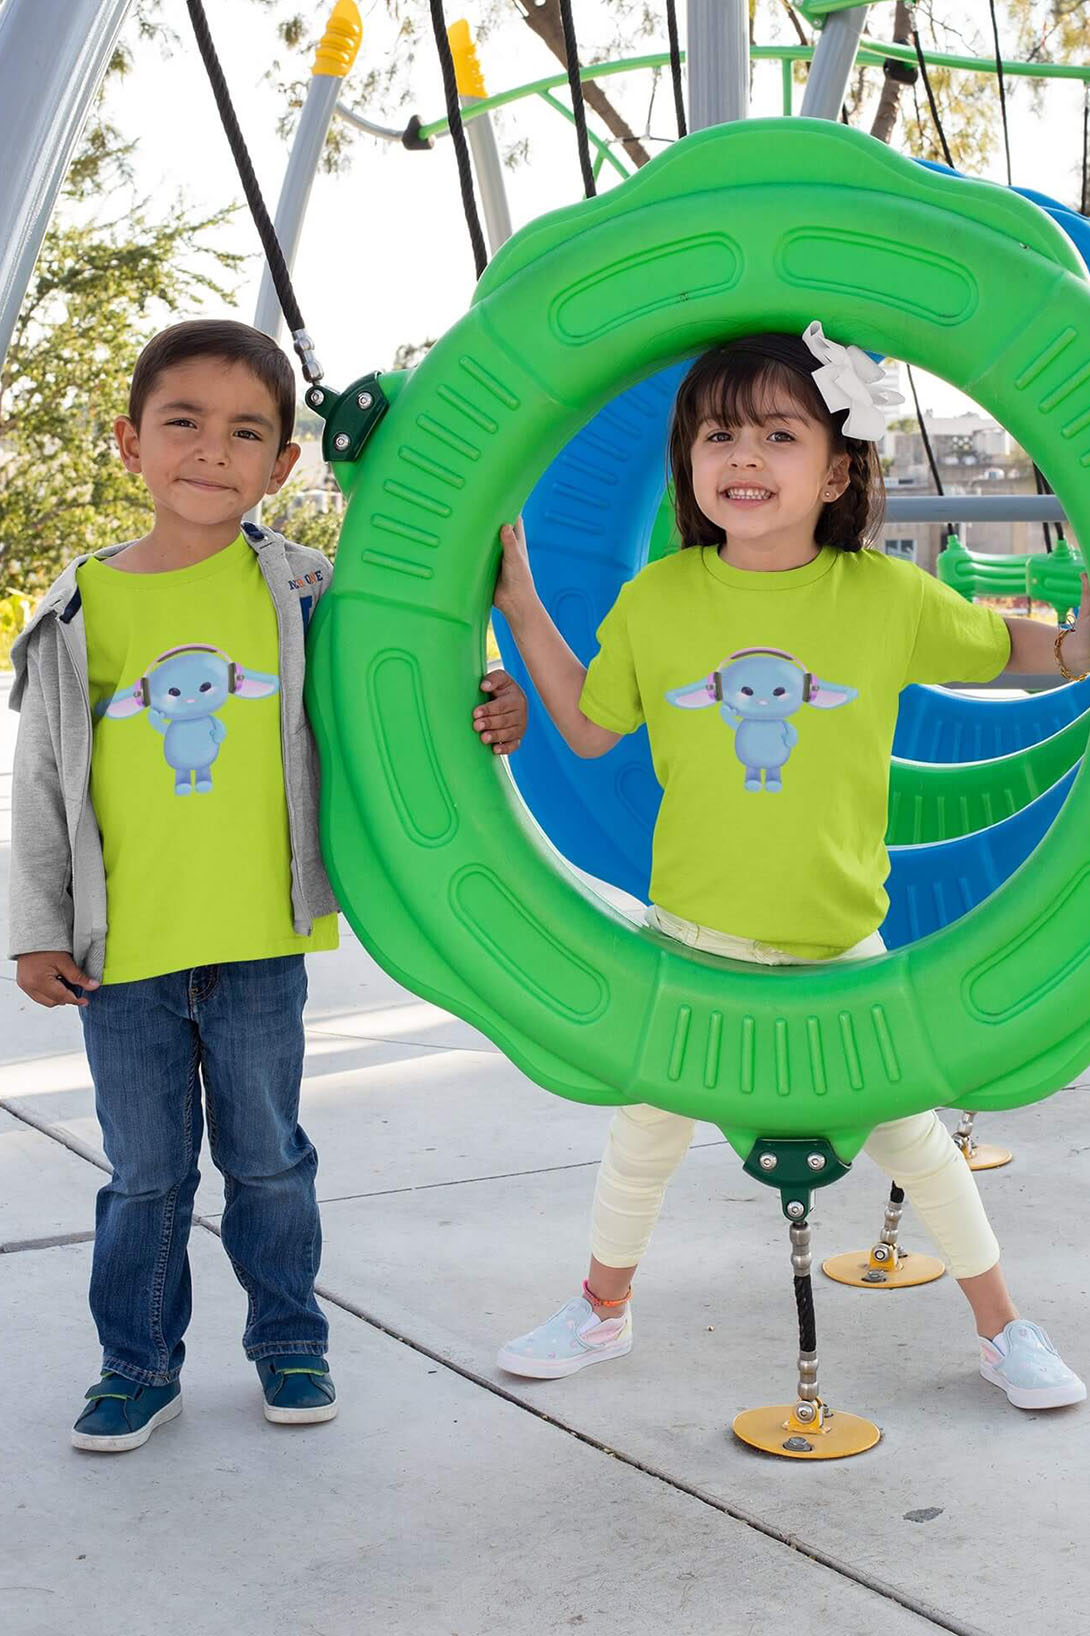 MMO Detské tričko Zajac so slúchadlami Vyberte farbu:: Žltá, Detská veľkosť: 122/6 rokov